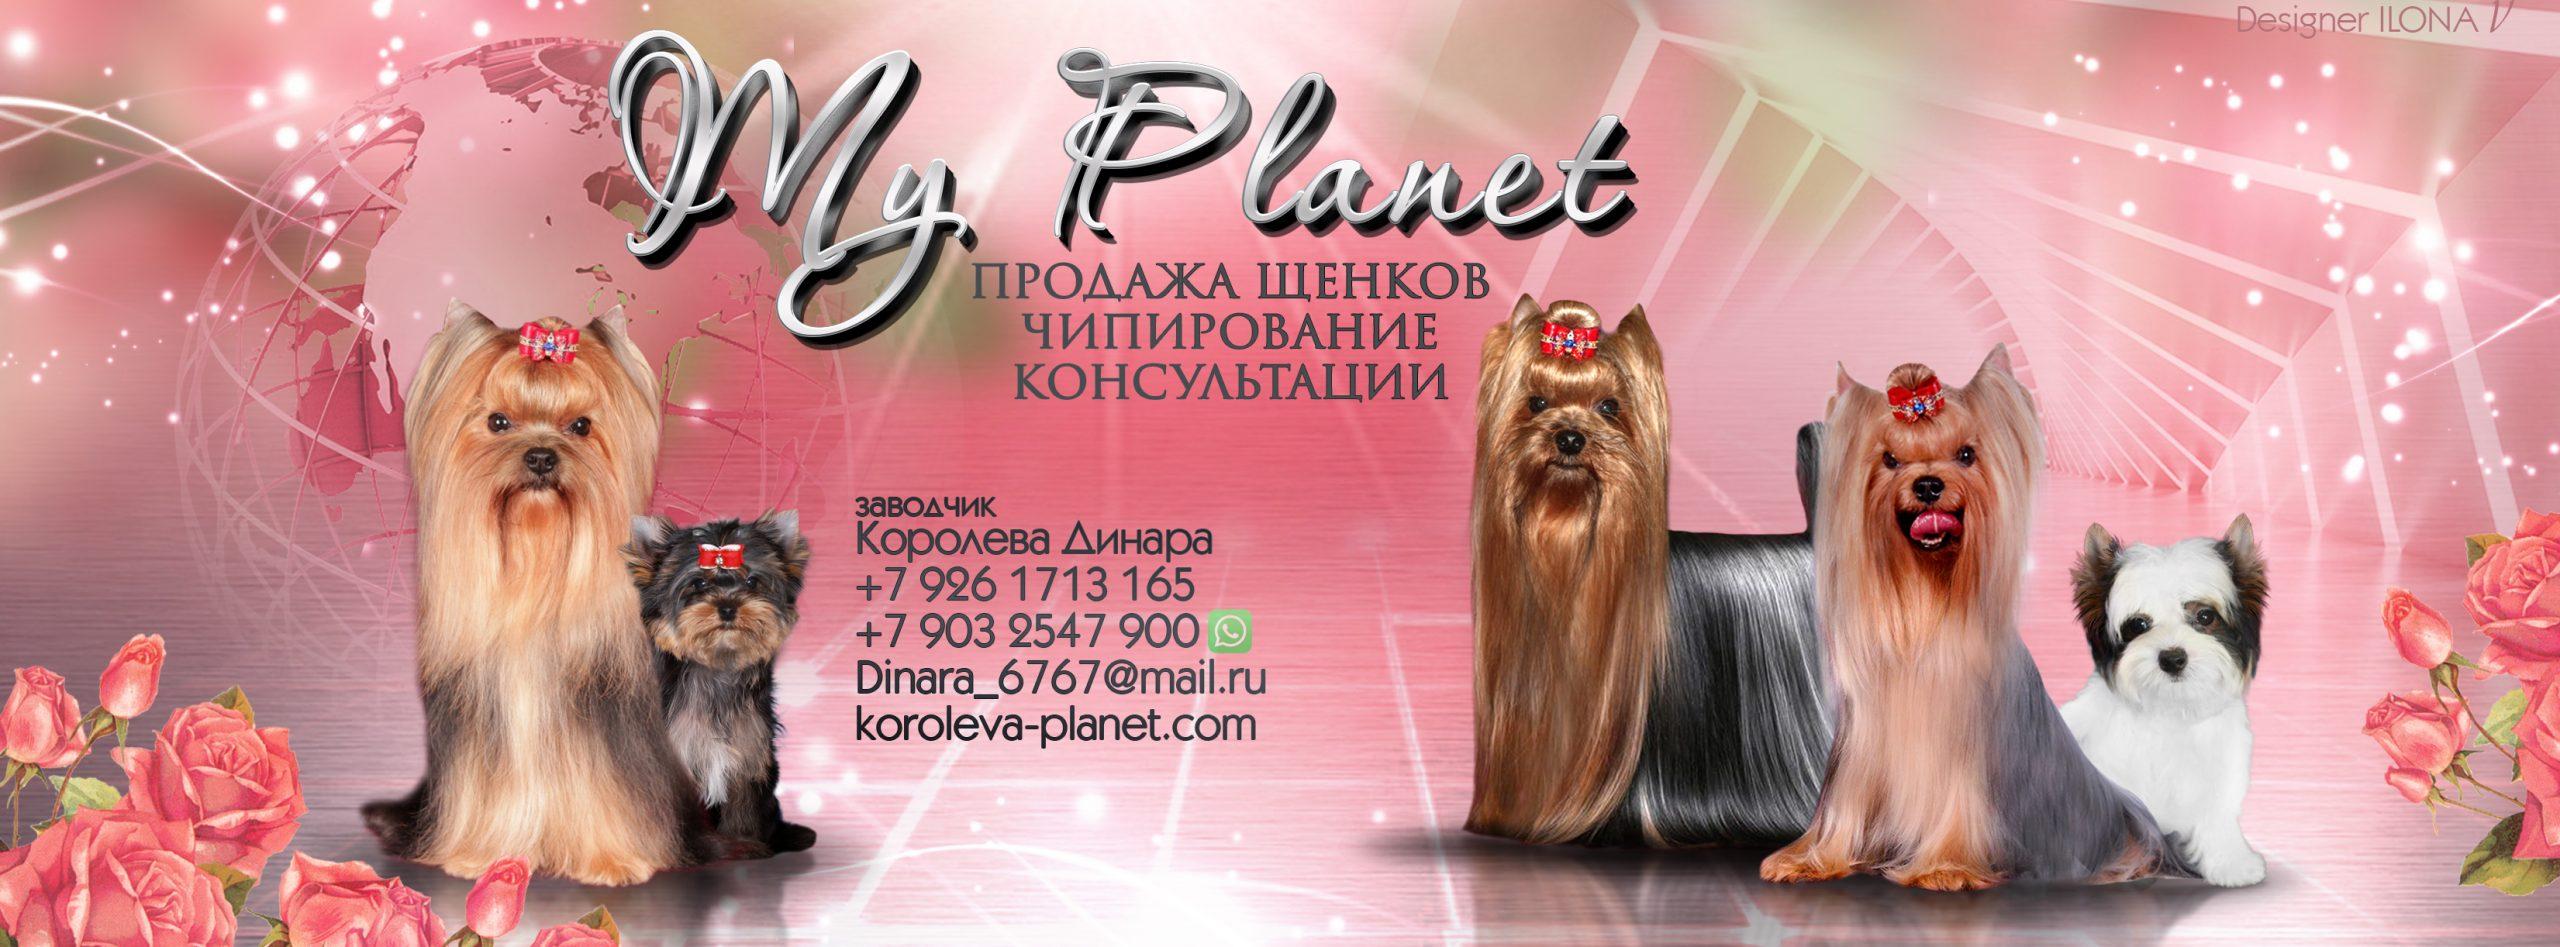 Питомник My Planet